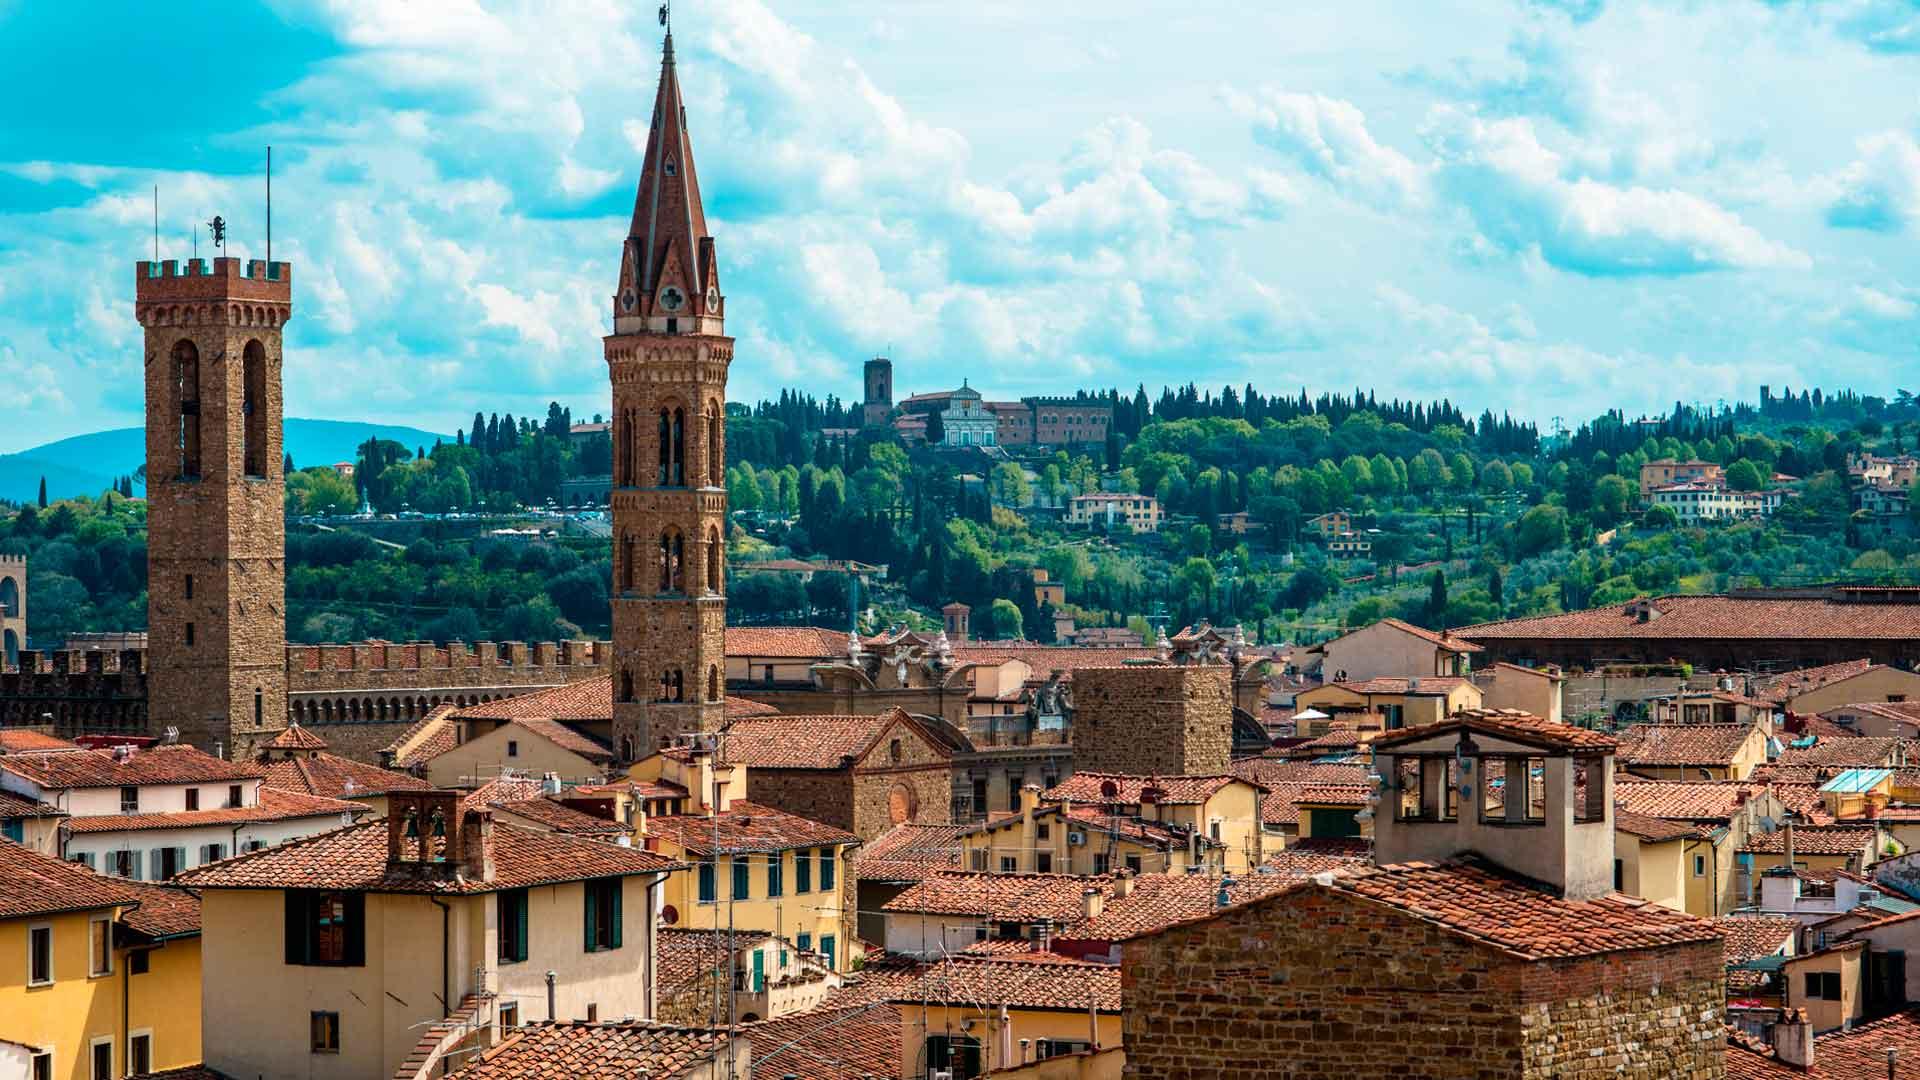 Ventanas de vino del siglo XVI resurgen en Italia